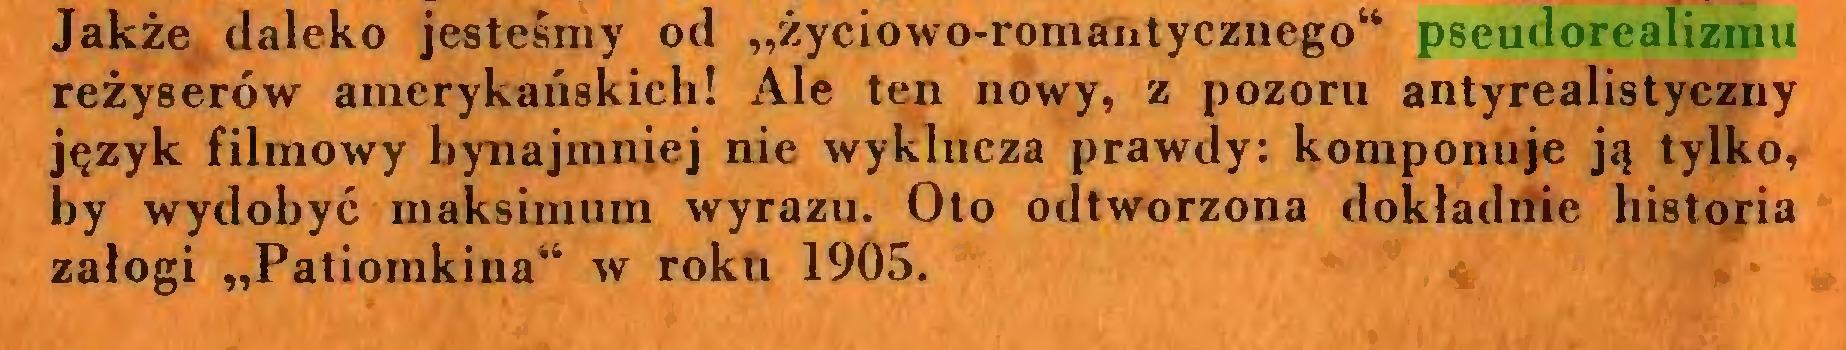 """(...) Jakże daleko jesteśmy od """"życiowo-romantycznego44 pseudorealizmu reżyserów amerykańskich! Ale ten nowy, z pozoru antyrealistyczny język filmowy bynajmniej nie wyklucza prawdy: komponuje ją tylko, by wydobyć maksimum wyrazu. Oto odtworzona dokładnie historia załogi """"Patiomkina44 w roku 1905..."""